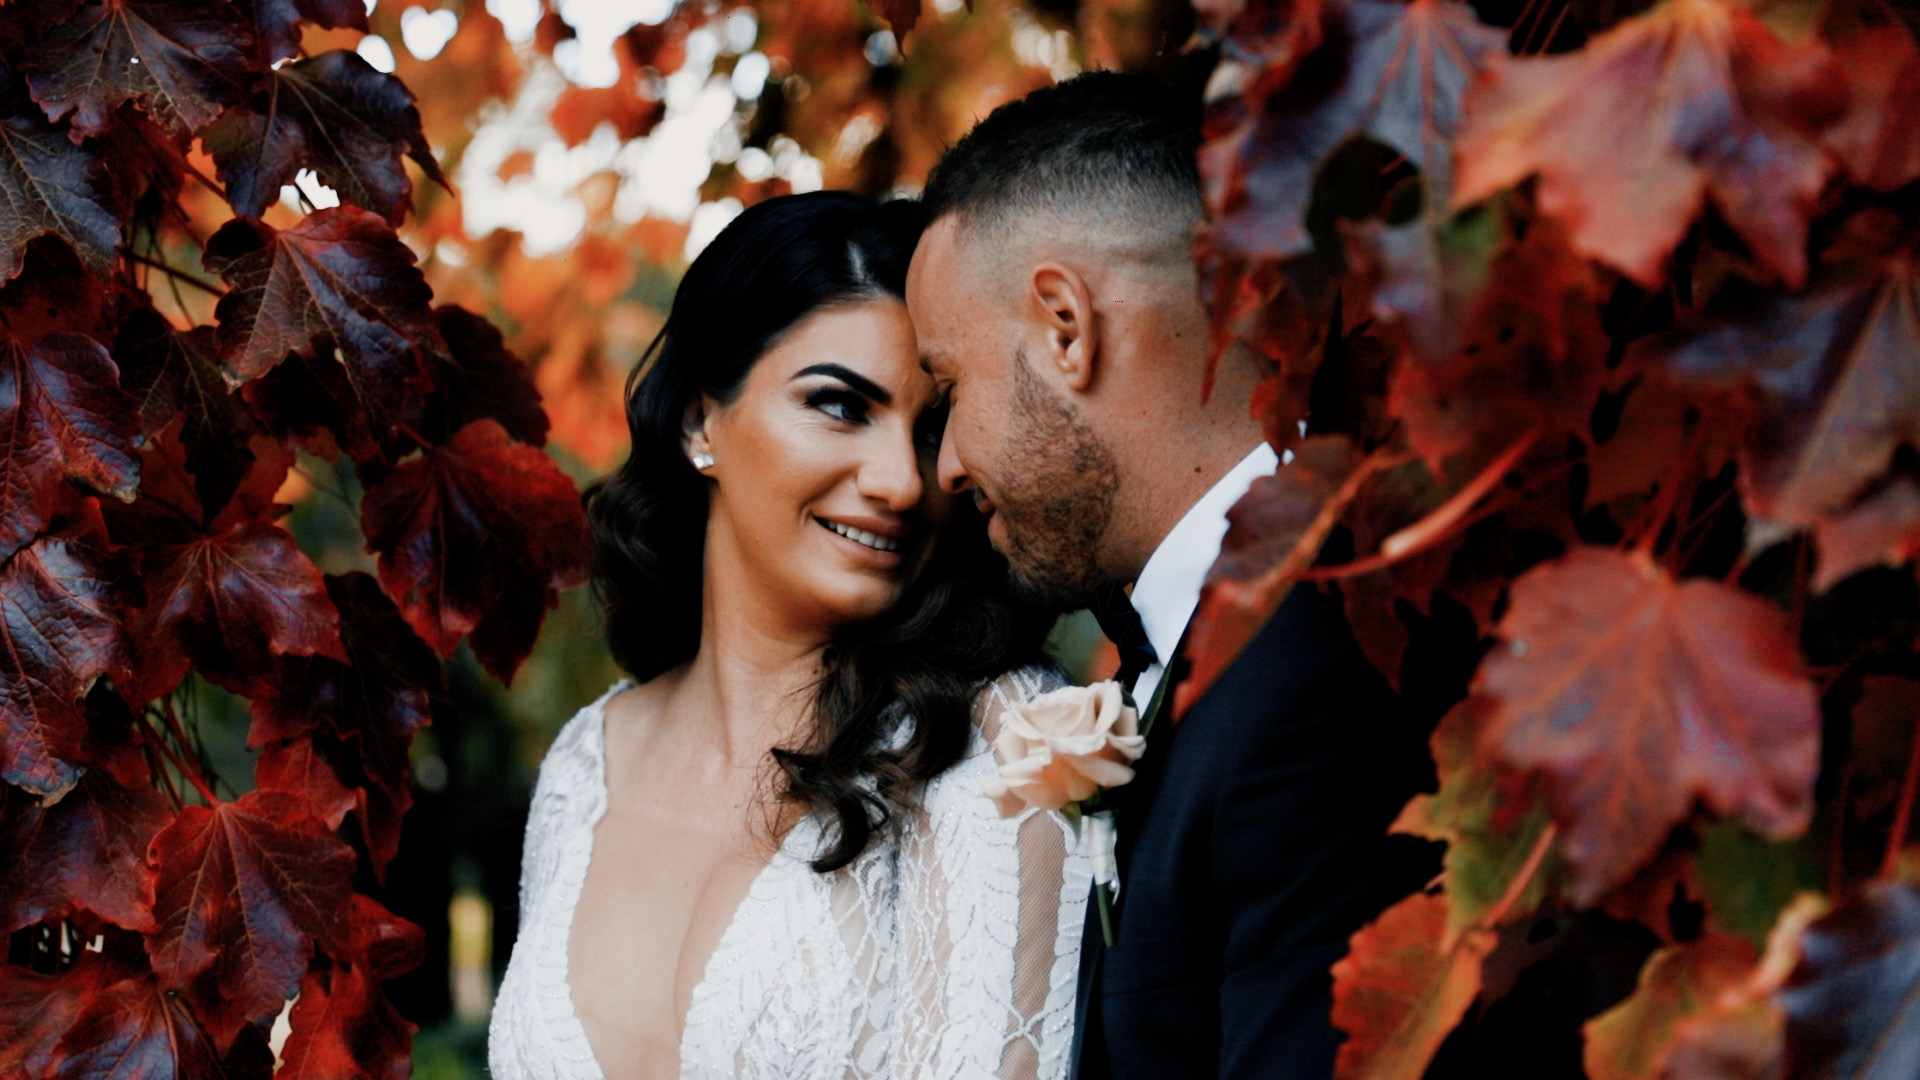 Ashlee & Jason's Wedding at Bendooley Estate, Berrima